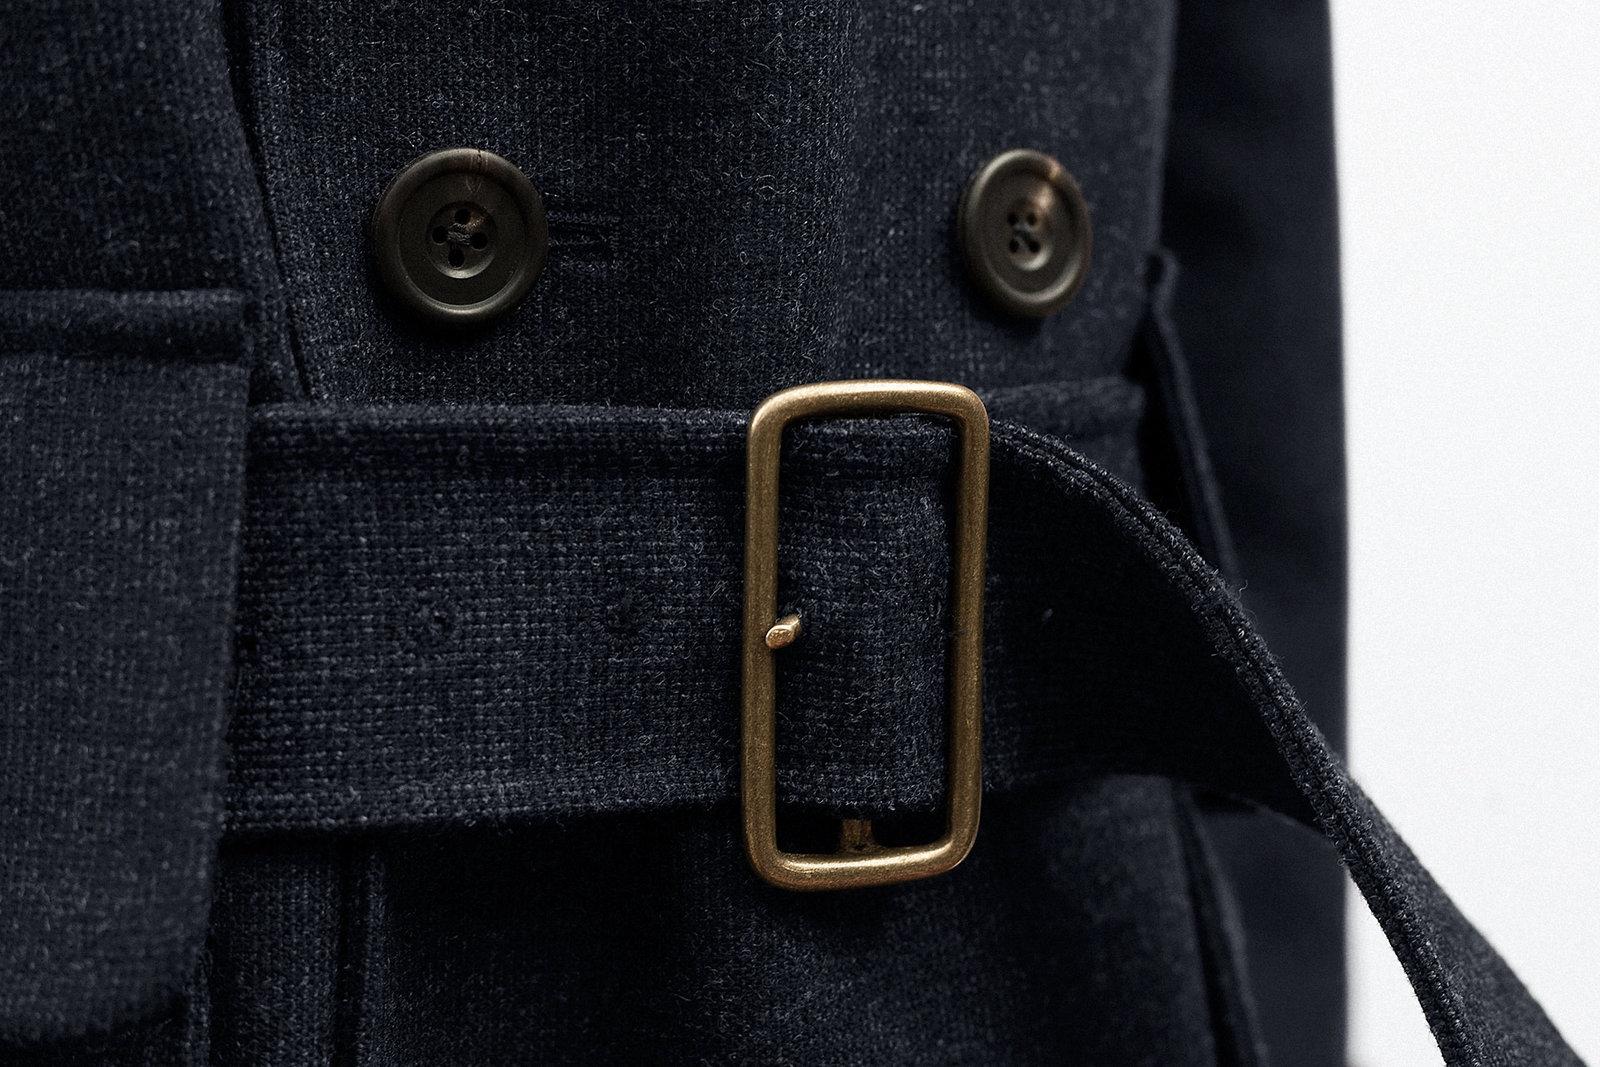 trench-coat-natte-tweed-dark-navy-6@2x.jpg